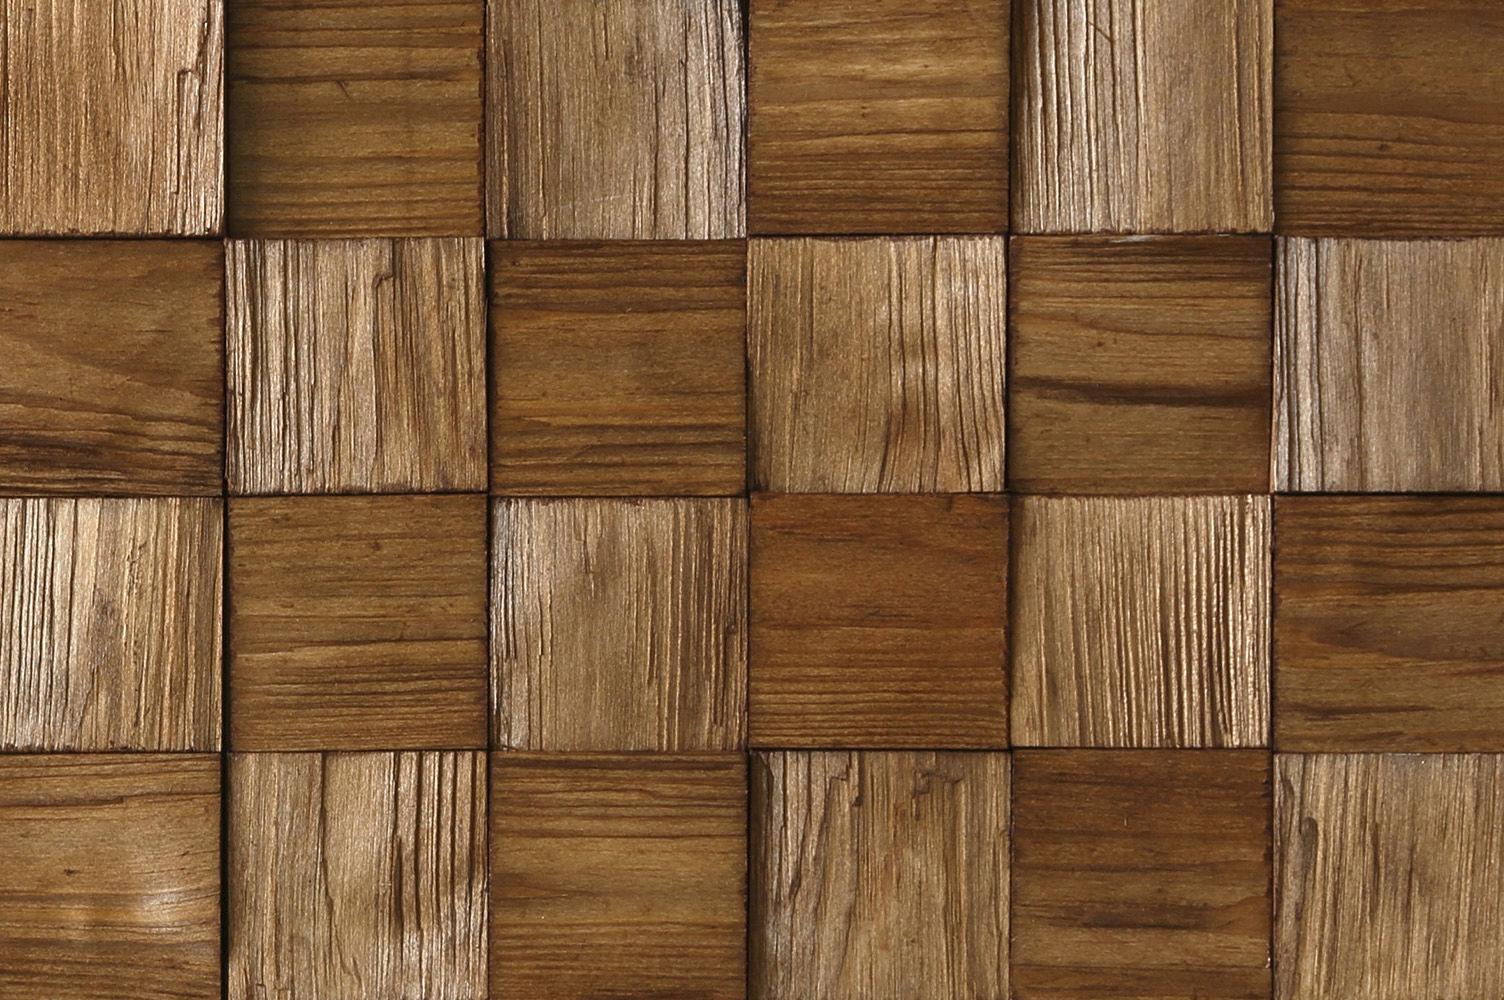 z panneau dcoratif en bois mural textur wood quadro mini stegu sp - Panneau Mural Bois Decoratif